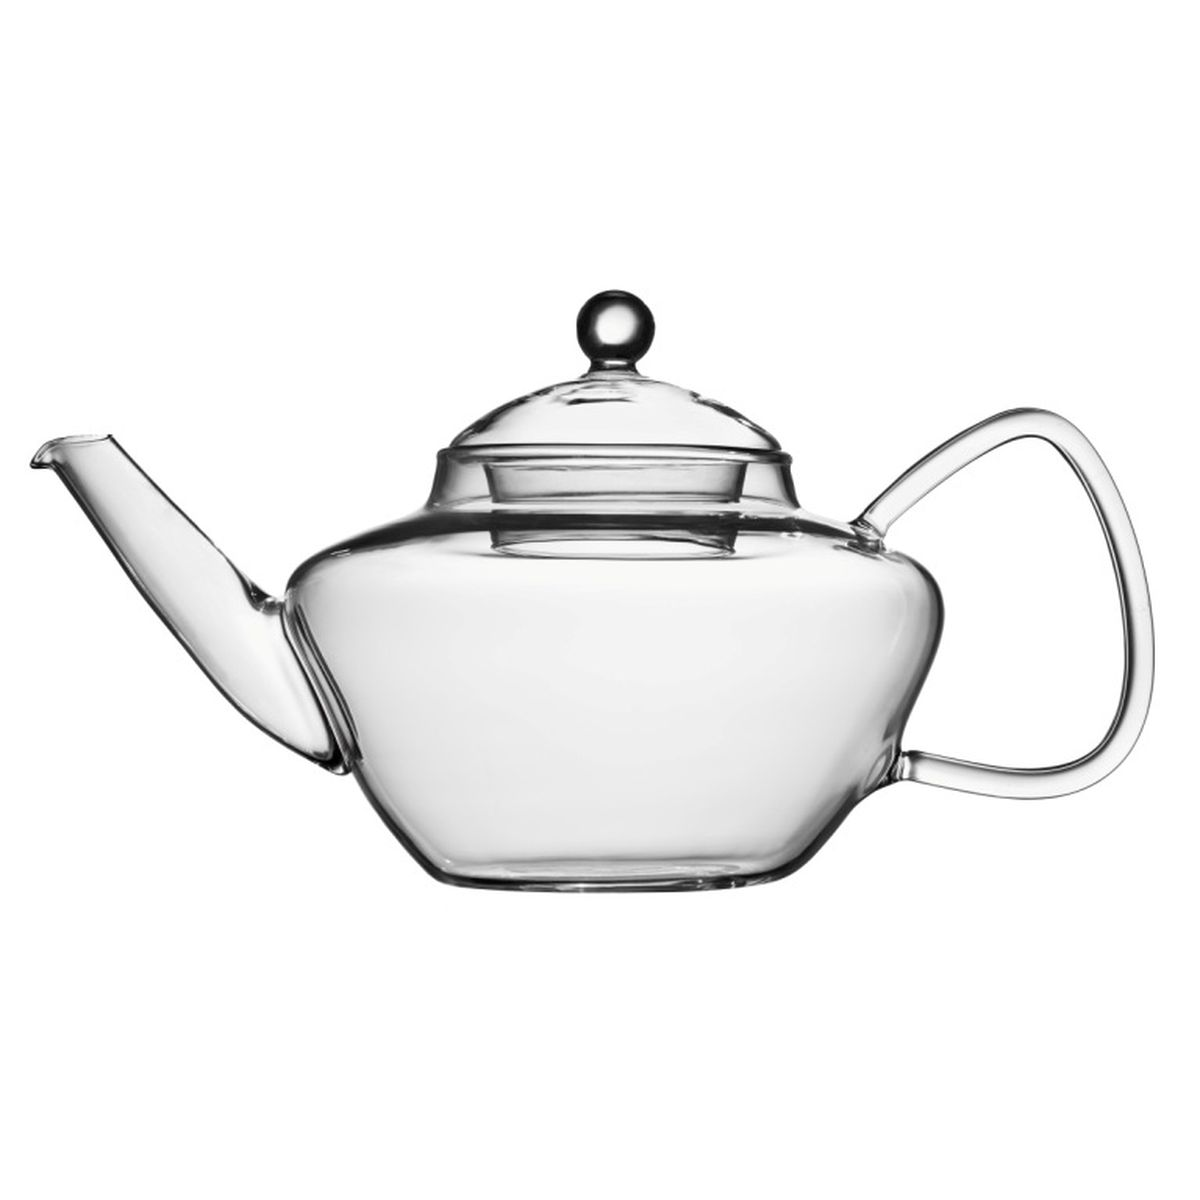 Чайник заварочный Walmer Milord, 0,6 лFS-80299Заварочный чайник Walmer Milord изготовлен из стекла и стали. Гладкая поверхность обеспечивает легкую очистку. Чайник поможет заварить крепкий ароматный чай и великолепно украсит стол к чаепитию. Размеры чайника: 24,5 х 14 х 13 см.